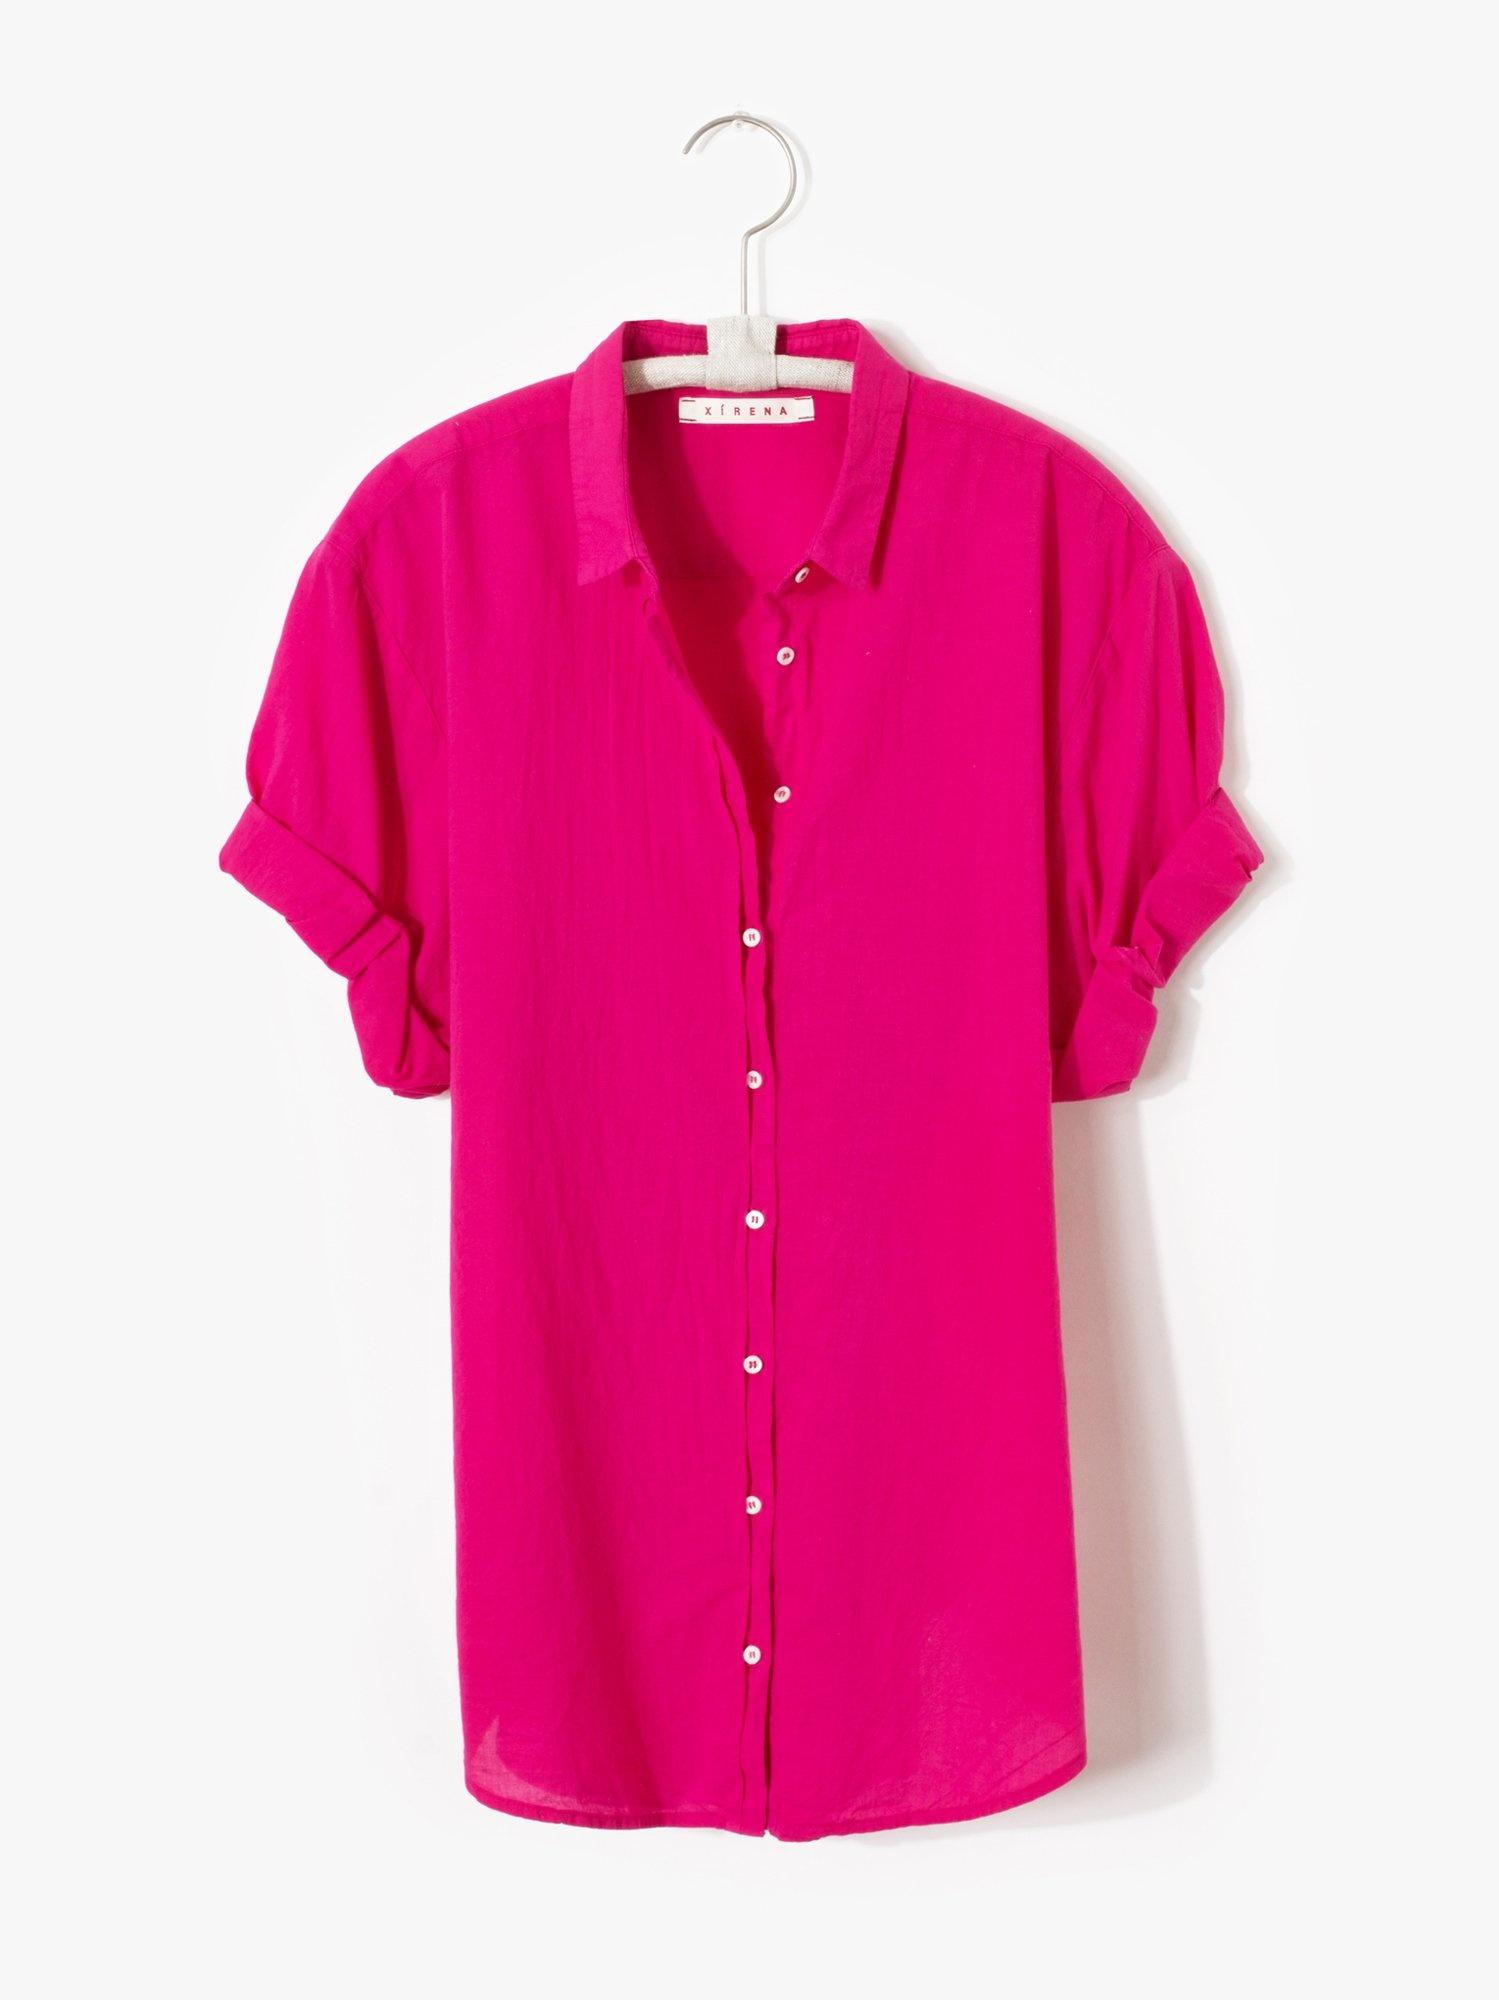 Xirena Channing Shirt BF